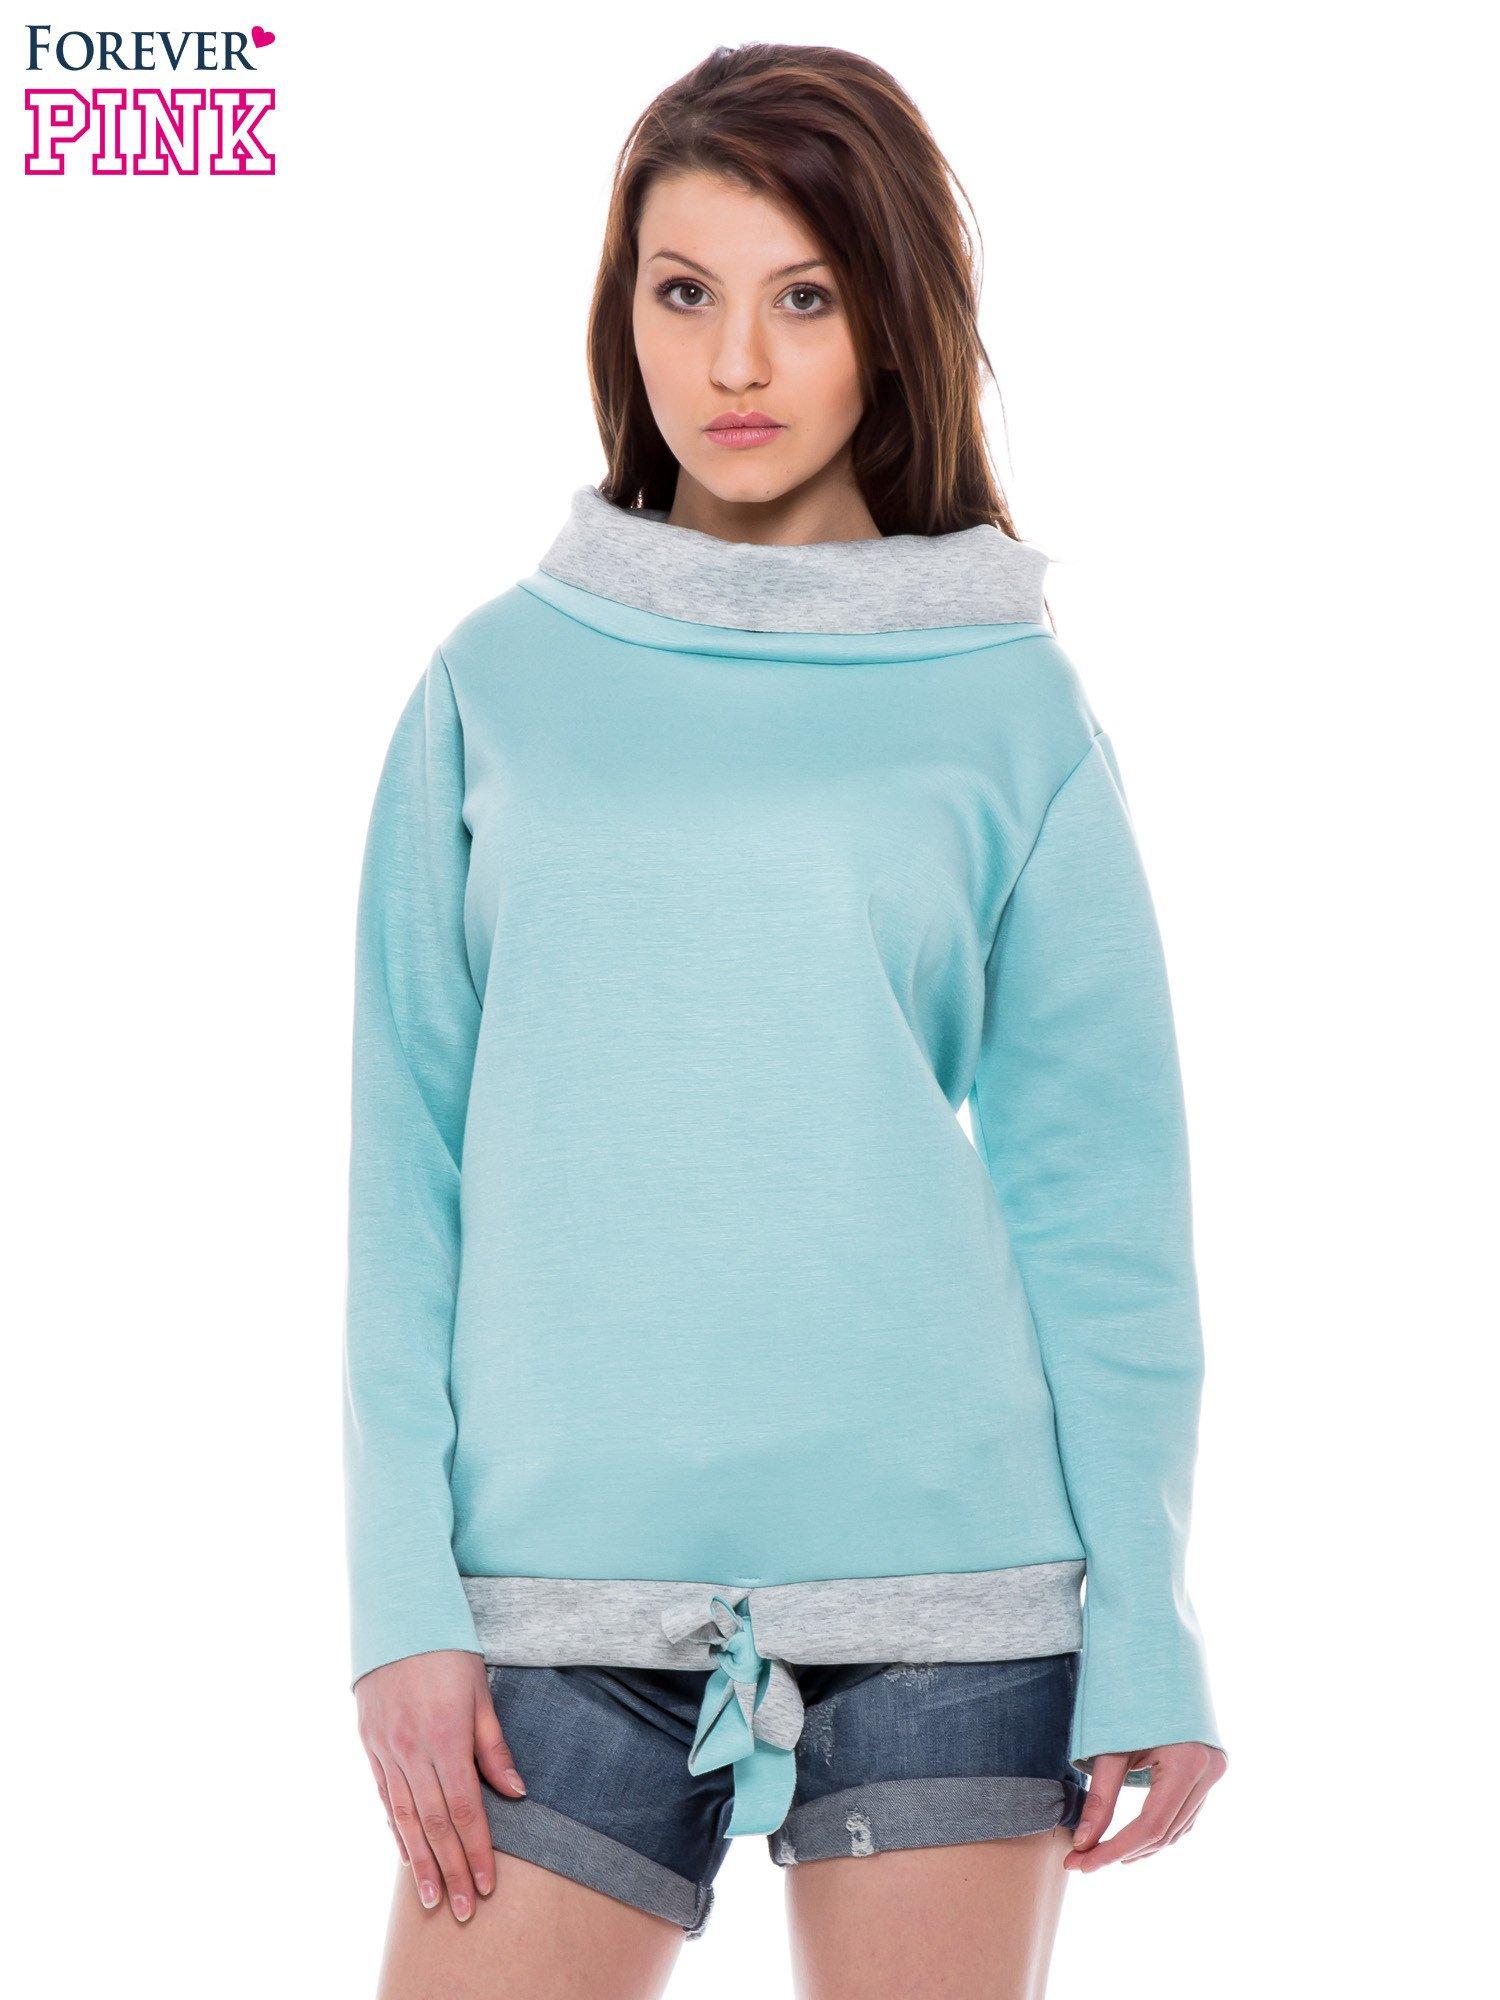 Niebiesko-szara bluza z wywijanym kołnierzem                                  zdj.                                  1